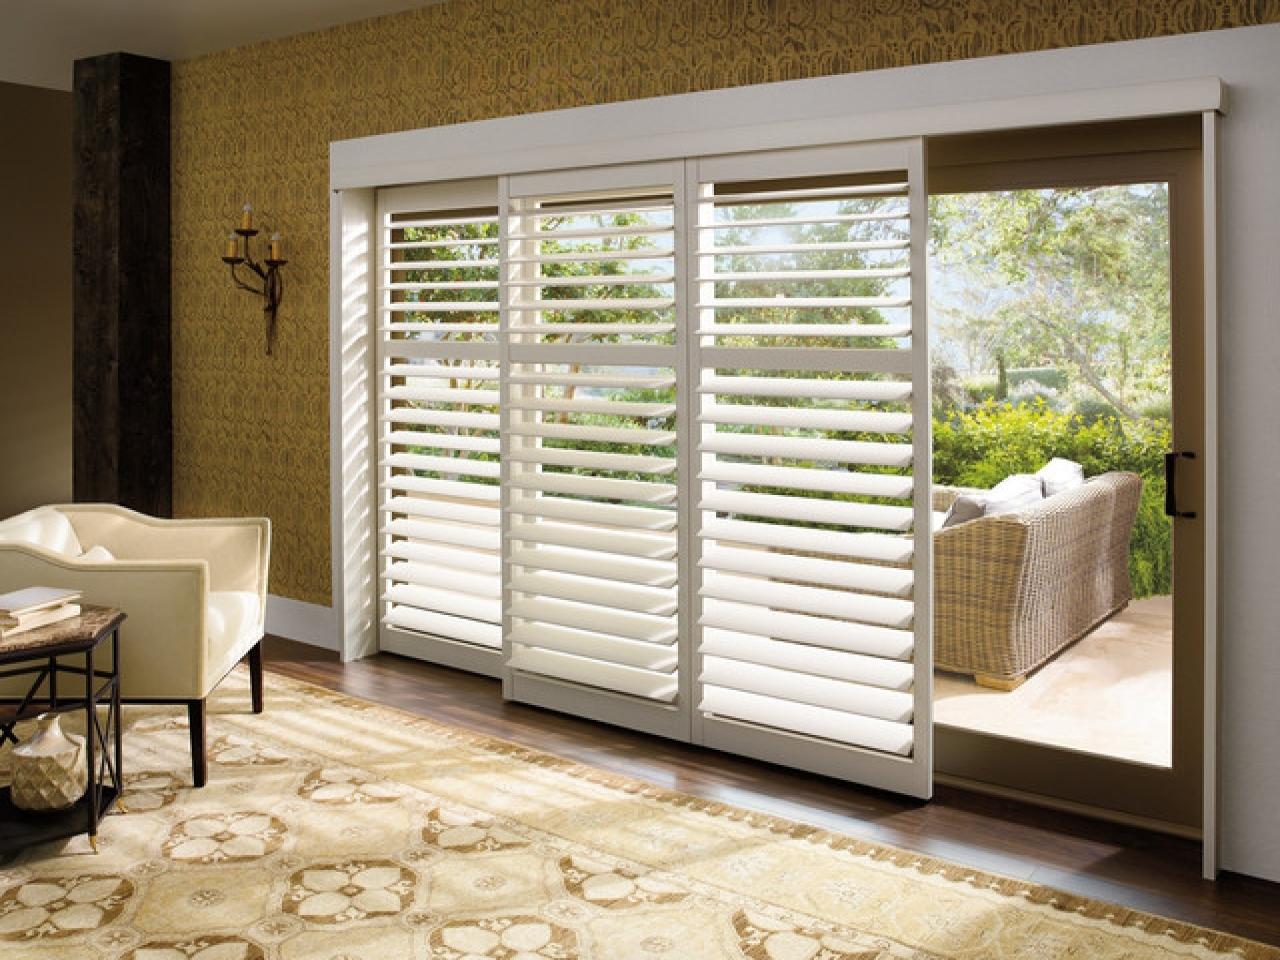 Blinds For Sliding Doors1280 X 960